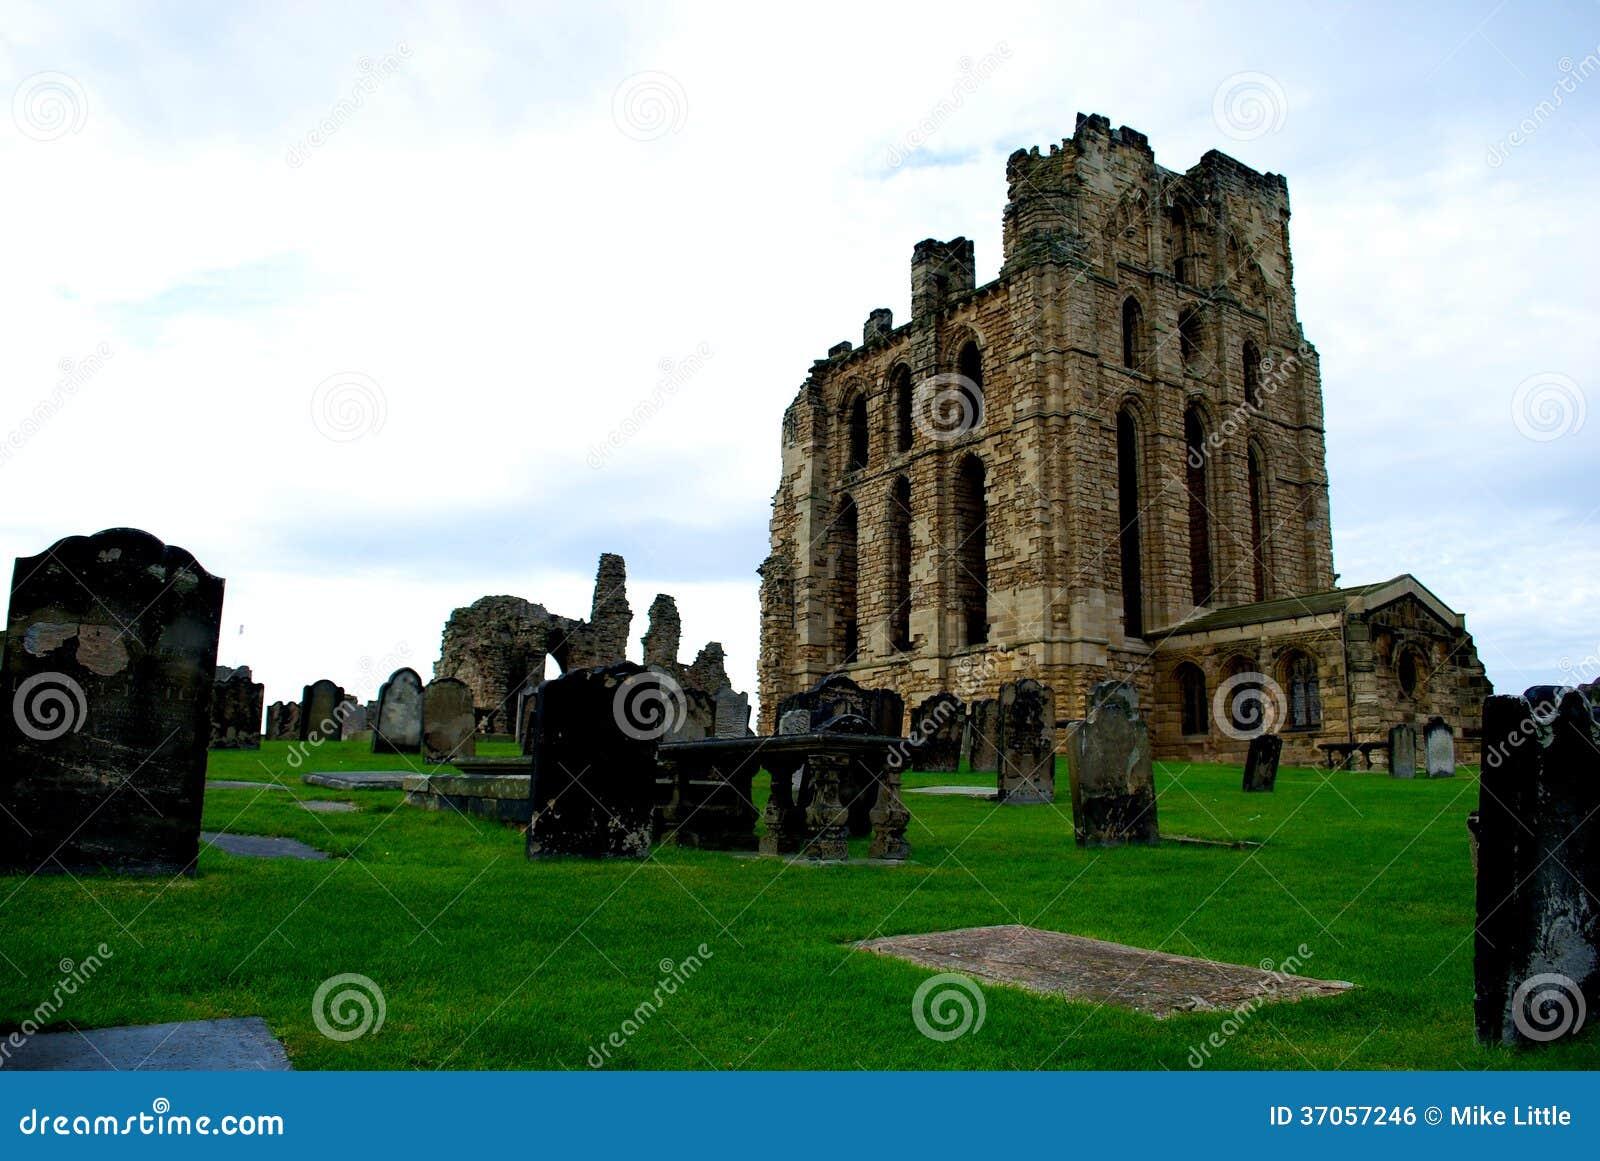 Tynemouth Priory i kasztel